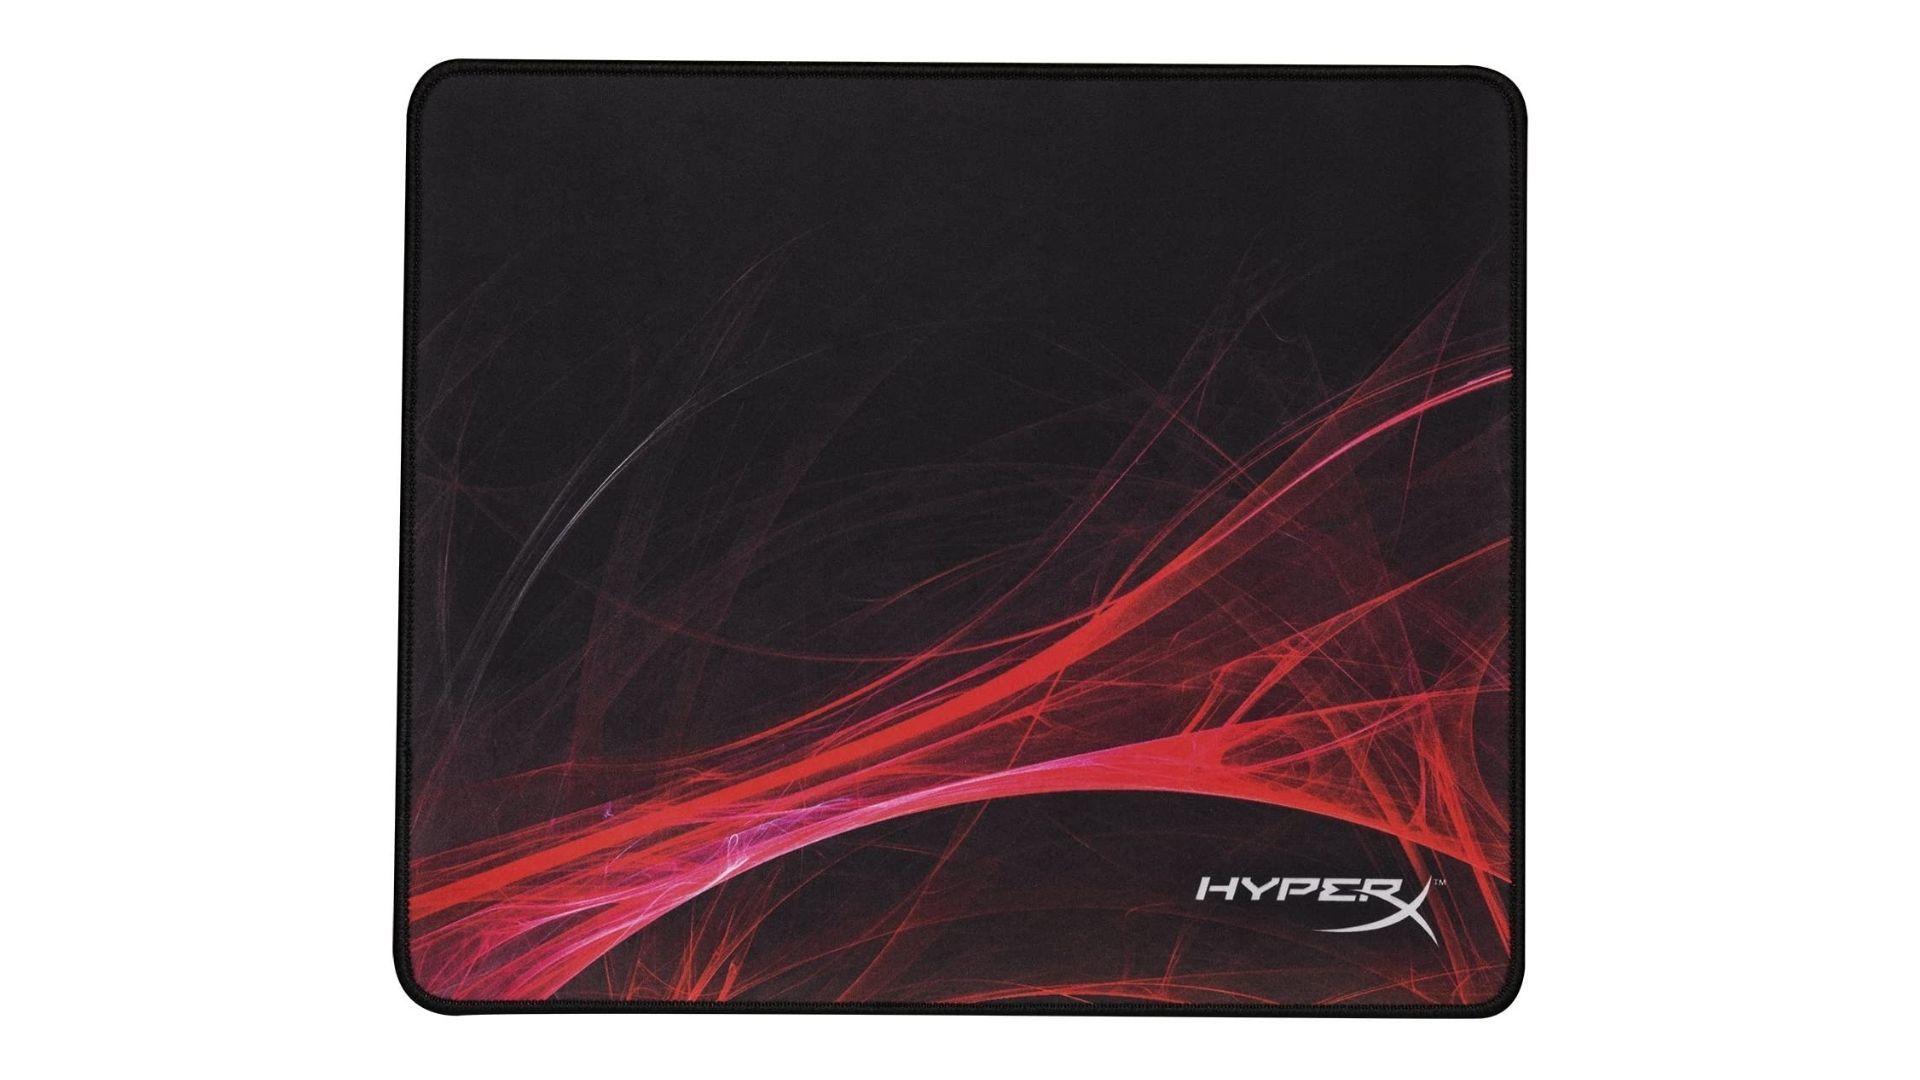 Mouse Pad HyperX Gamer Fury S preto e vermelho no fundo branco